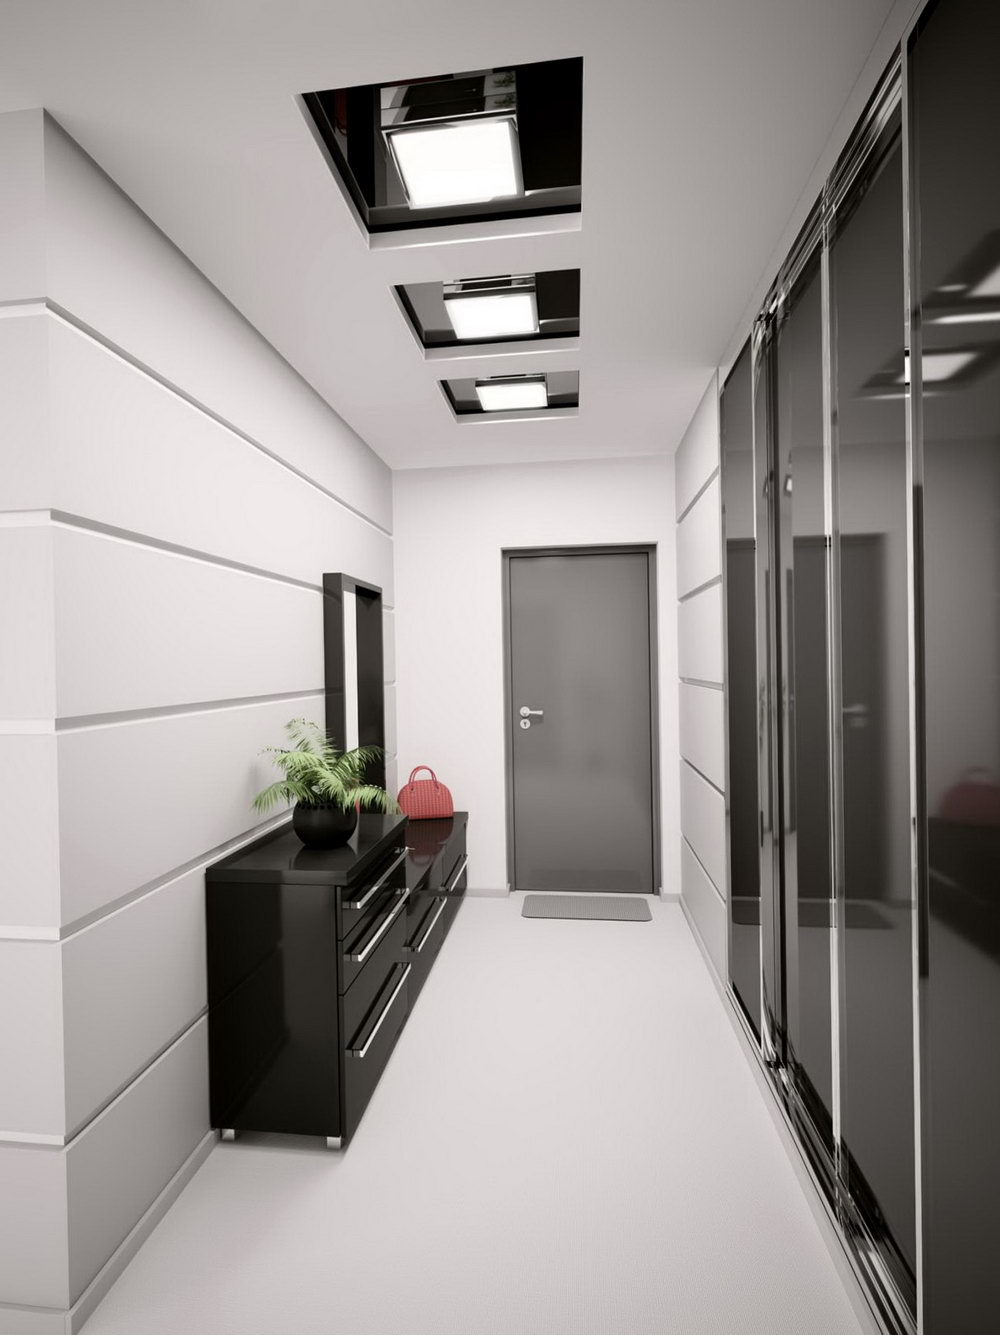 Replacing Bifold Closet Doors With Sliding Doors